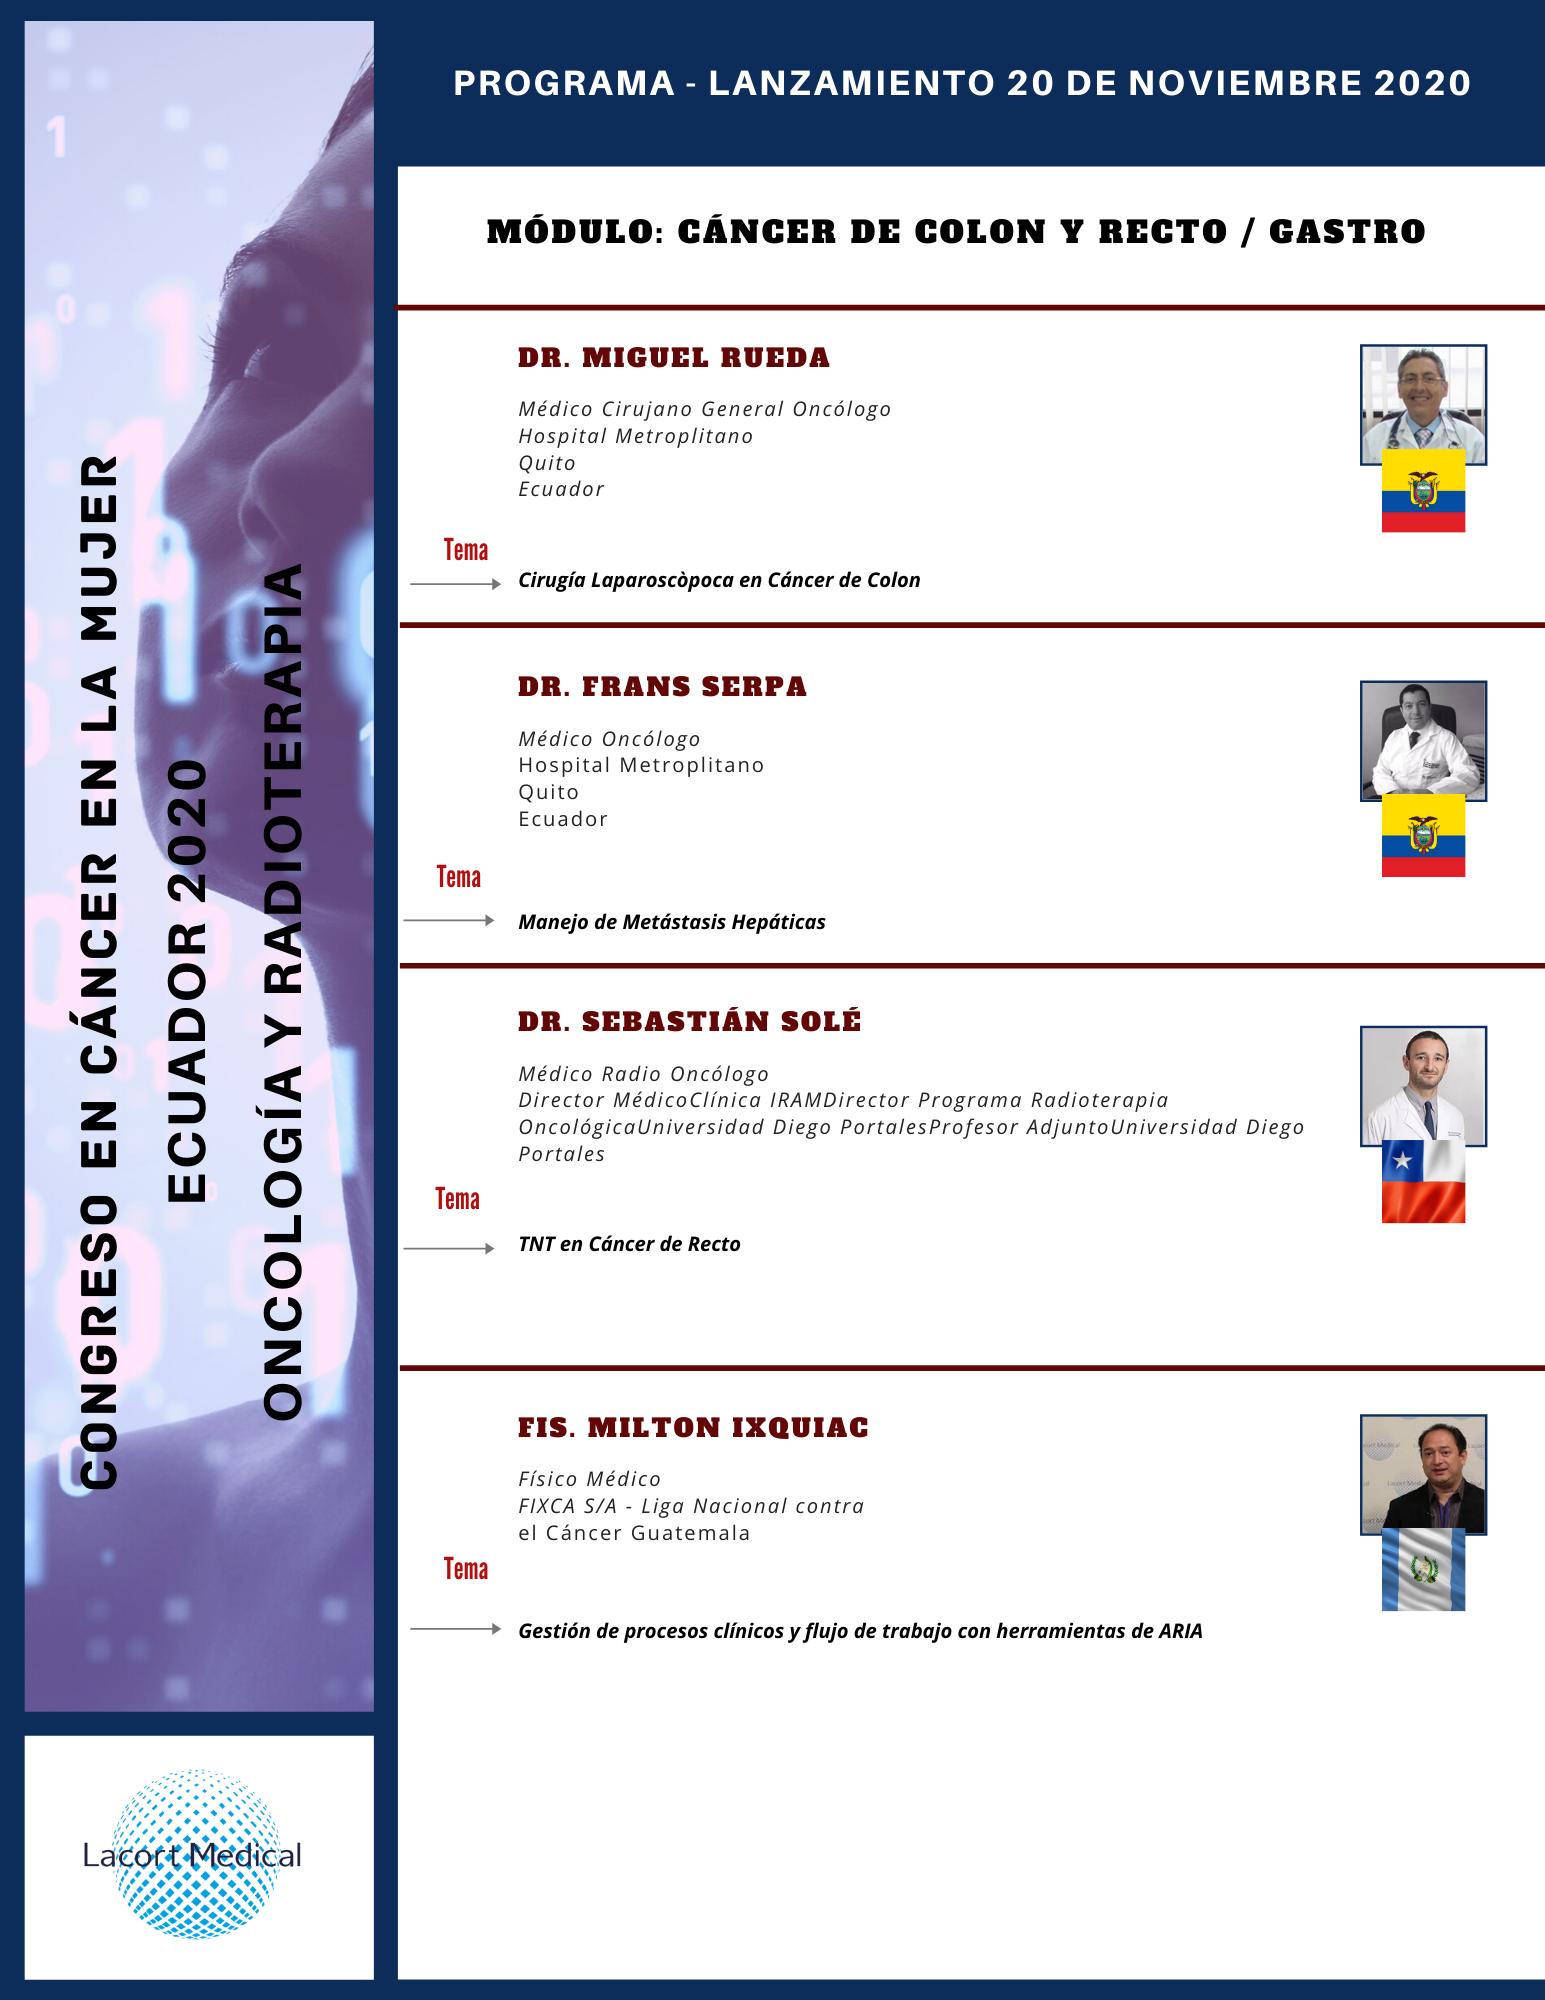 agenda QUITO 2020.png